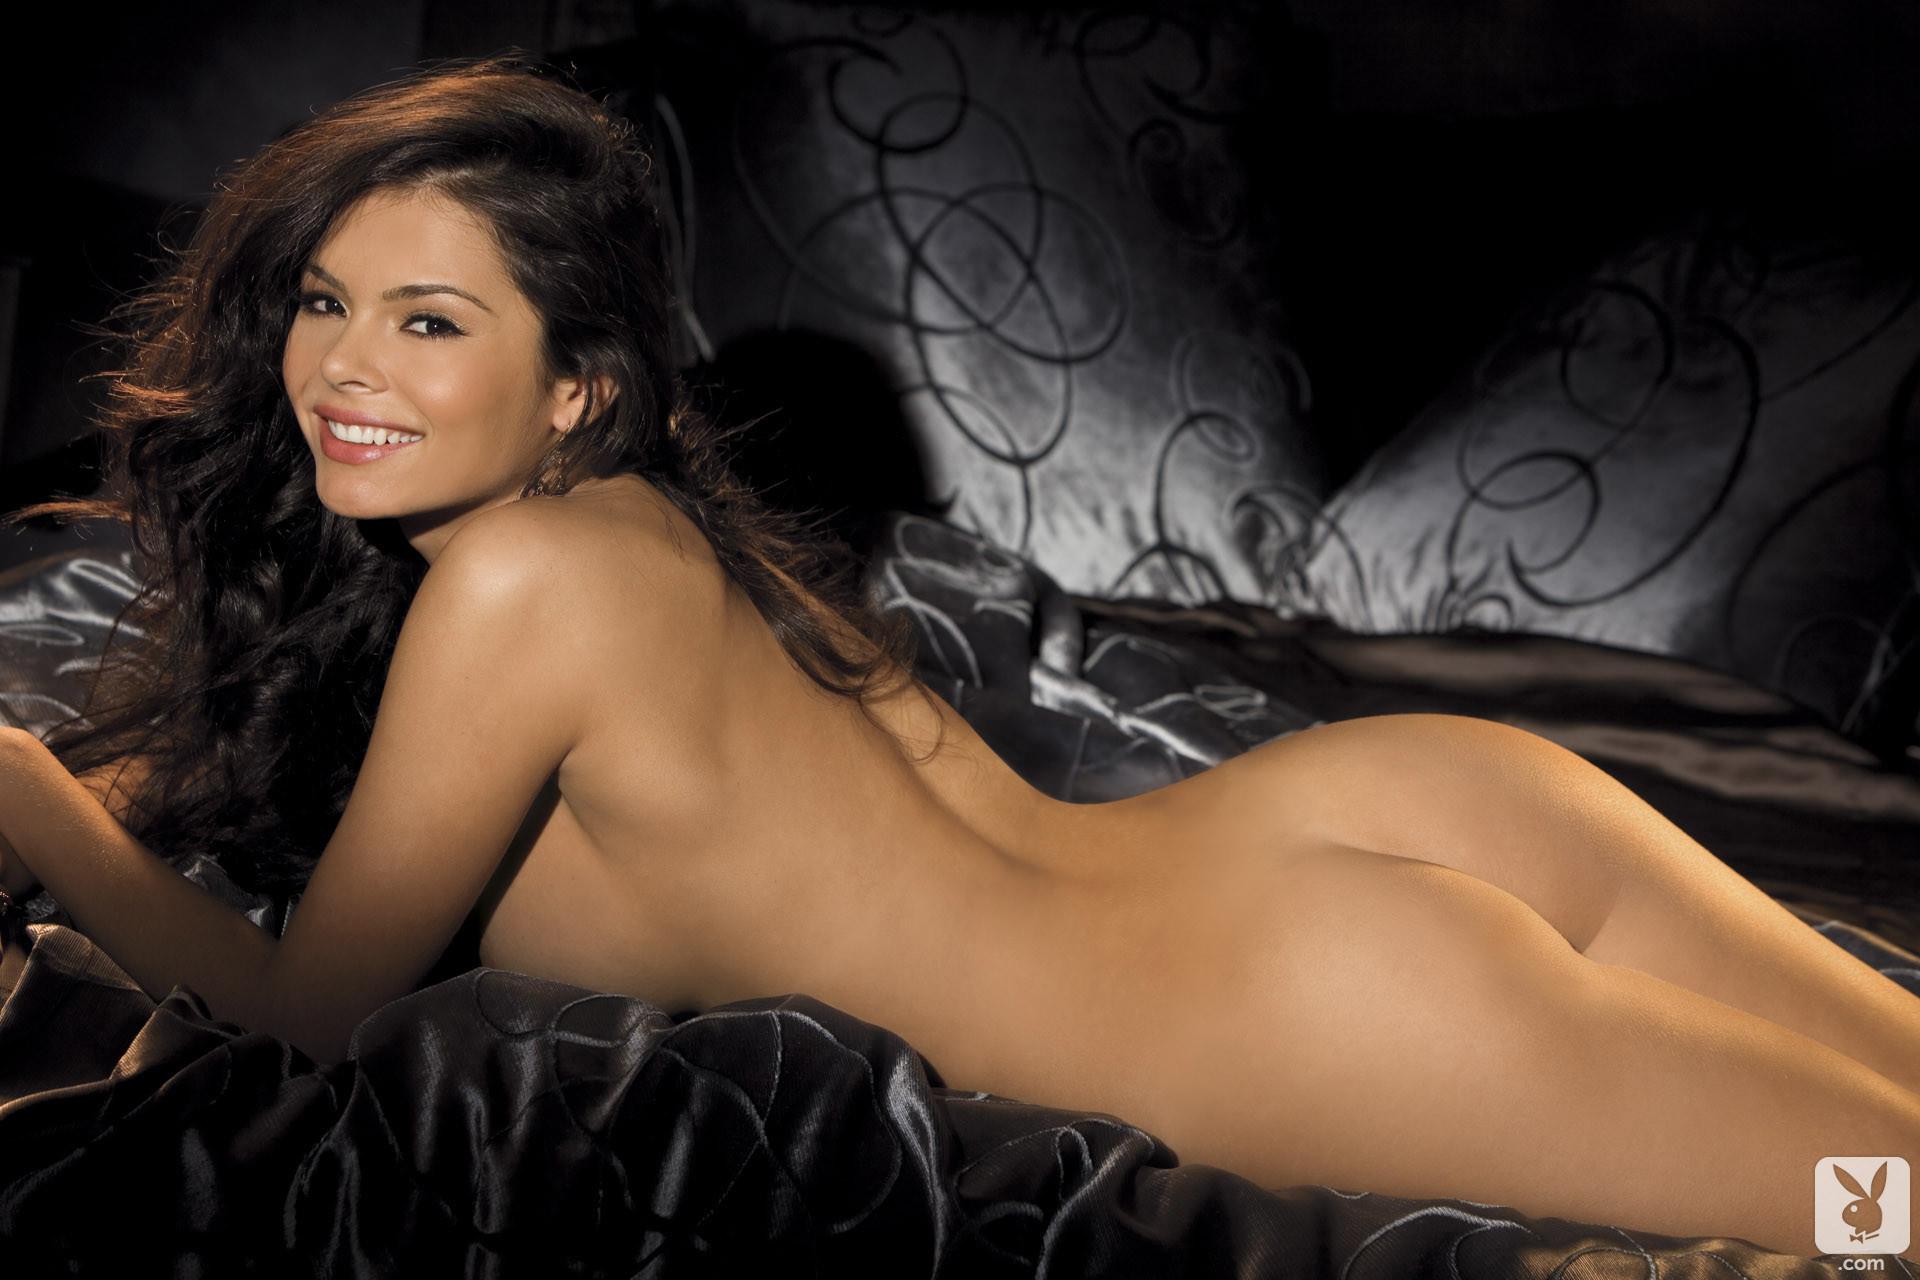 Nude Latina Celebrities